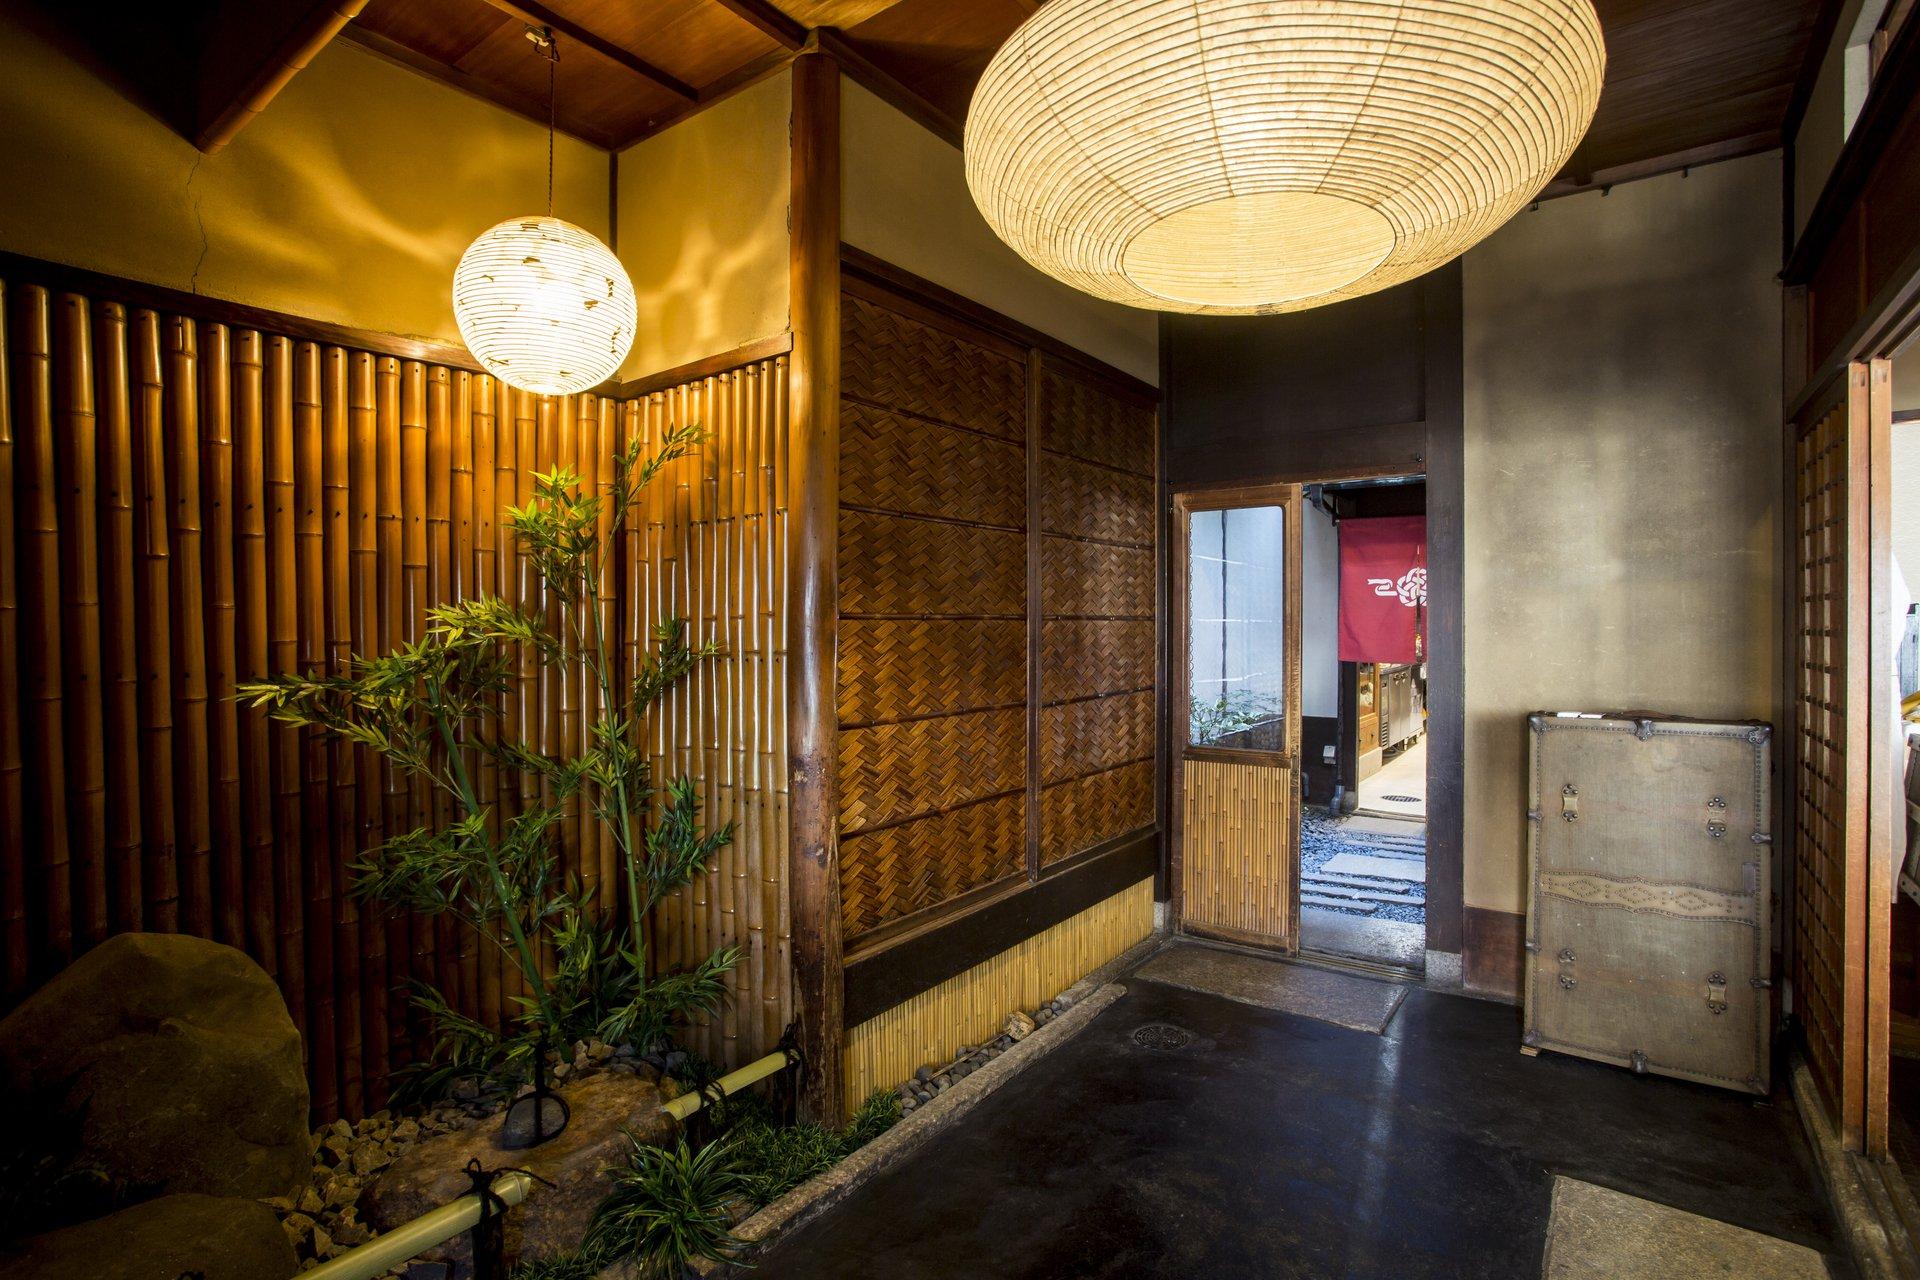 ☆ひなまる祭り☆京町家で舞妓さんと非日常なひと時を♪♪のイメージその4